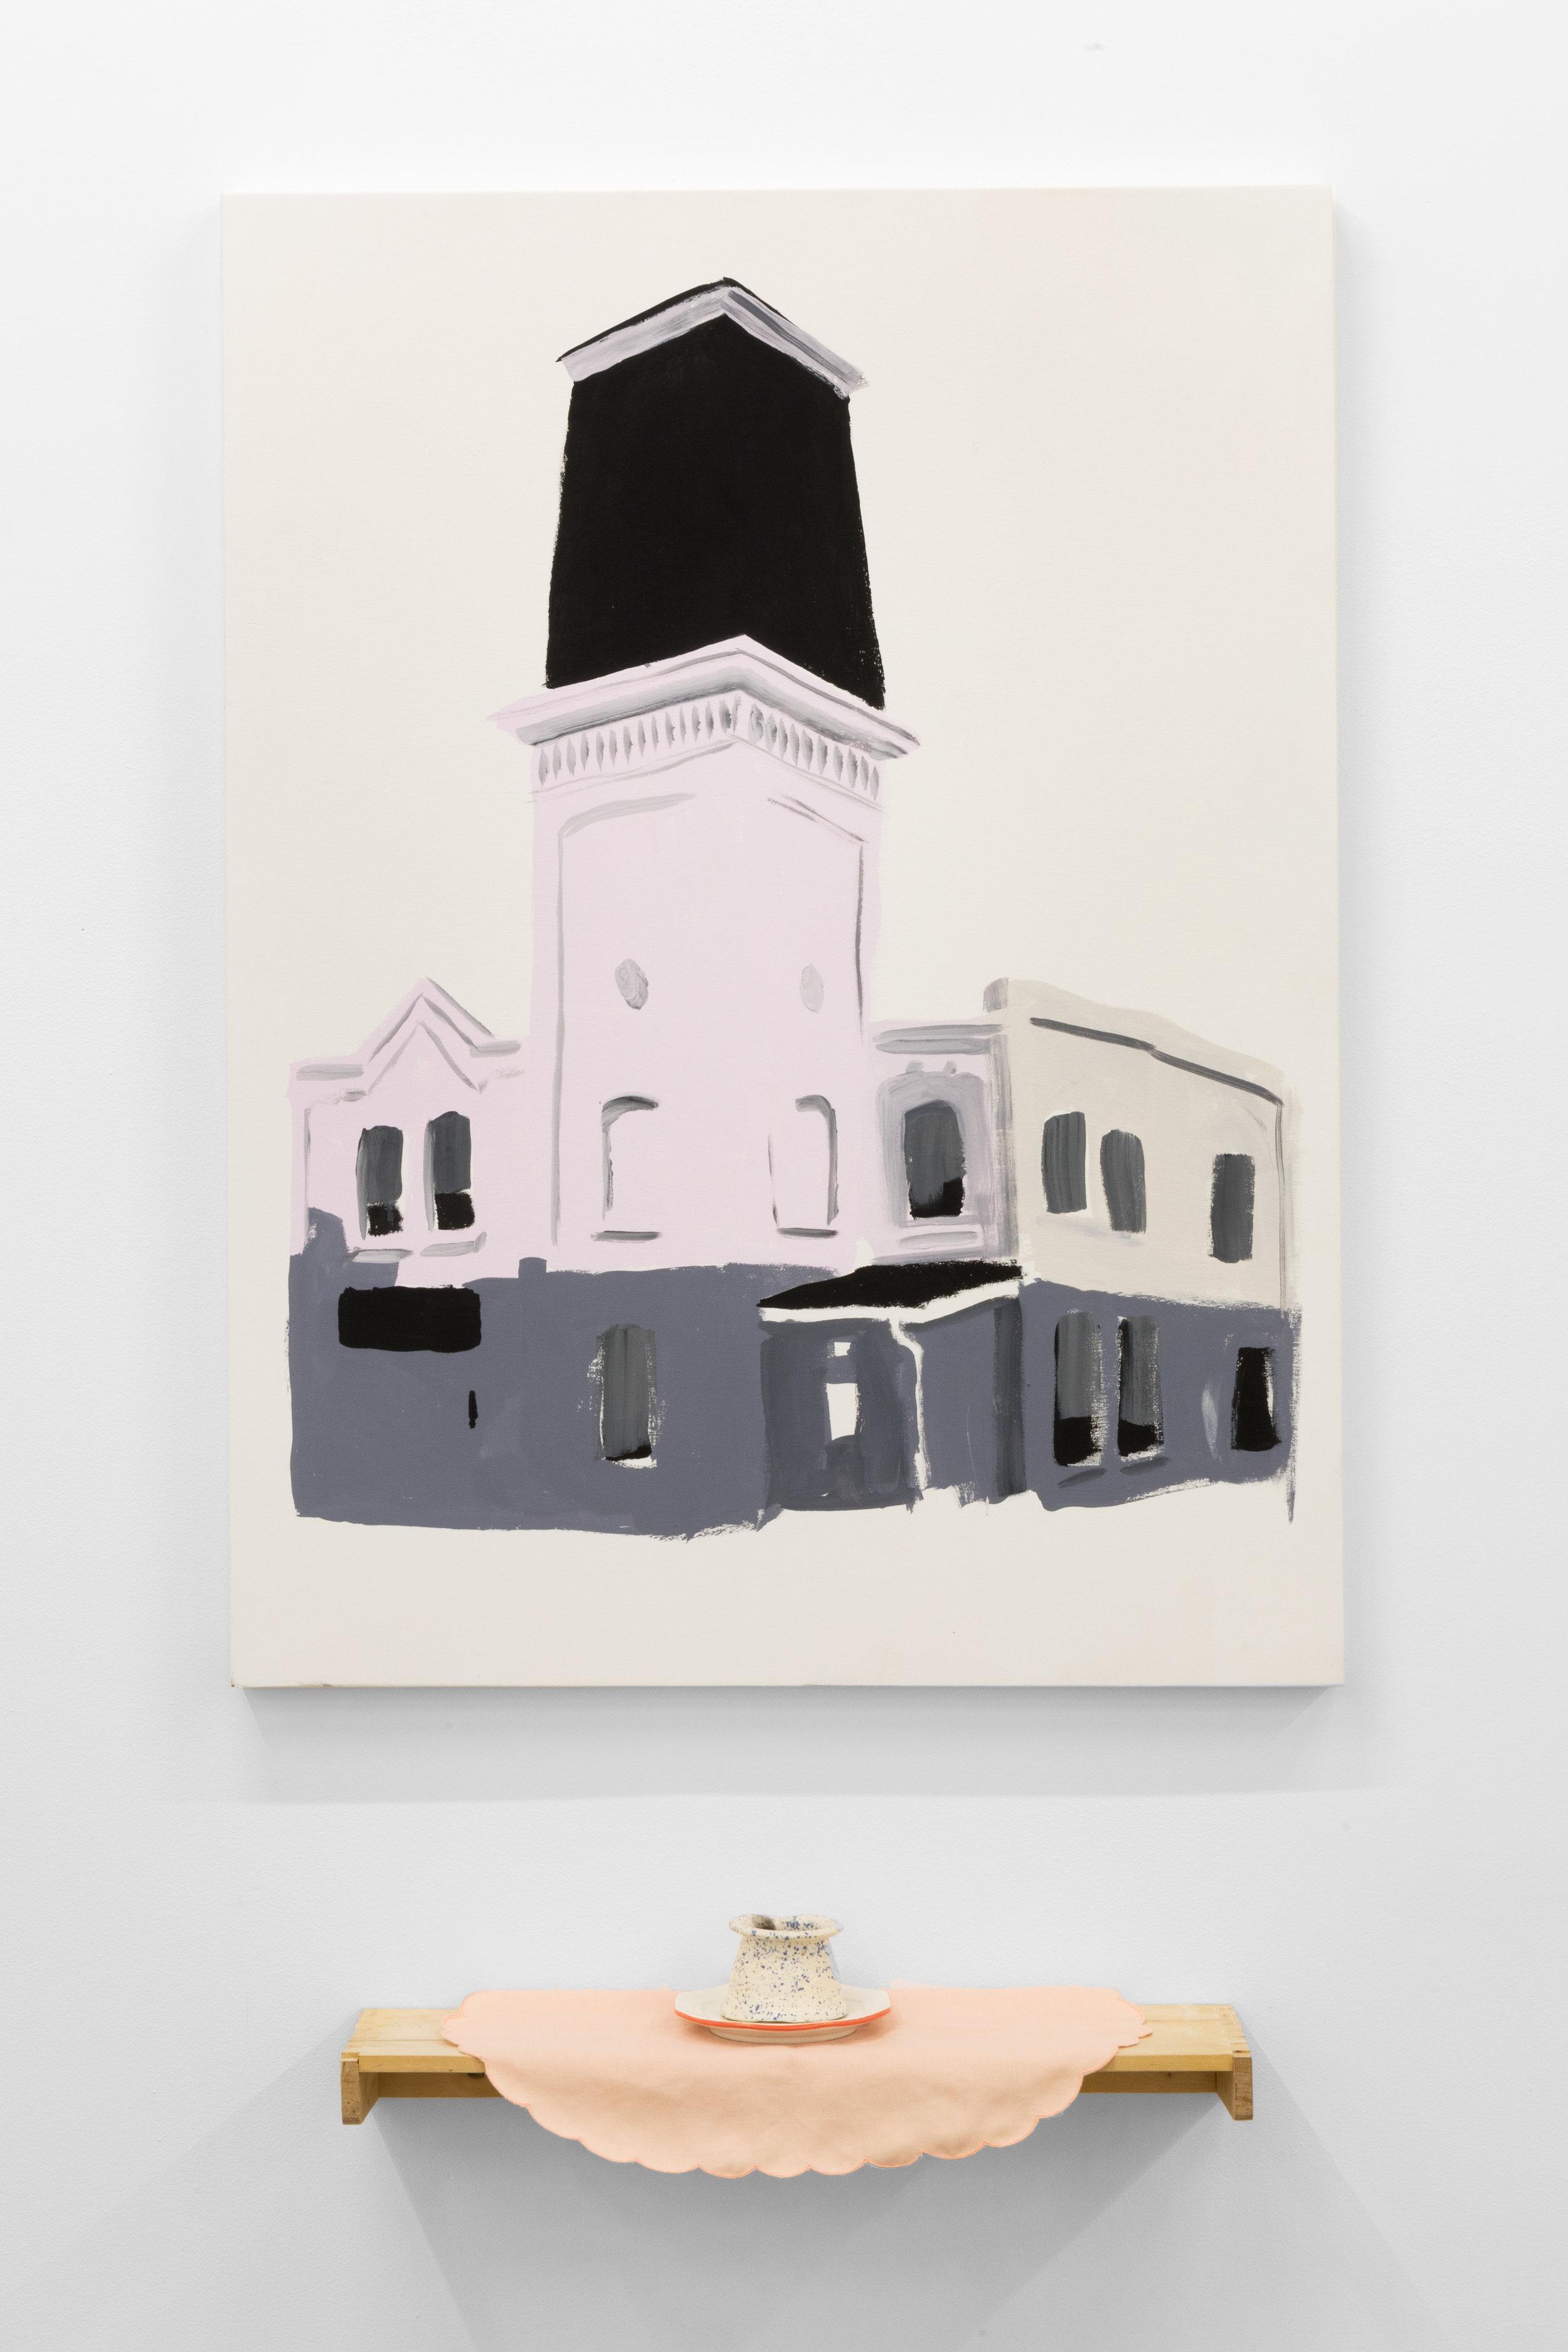 Paintings as Buildings as Altars